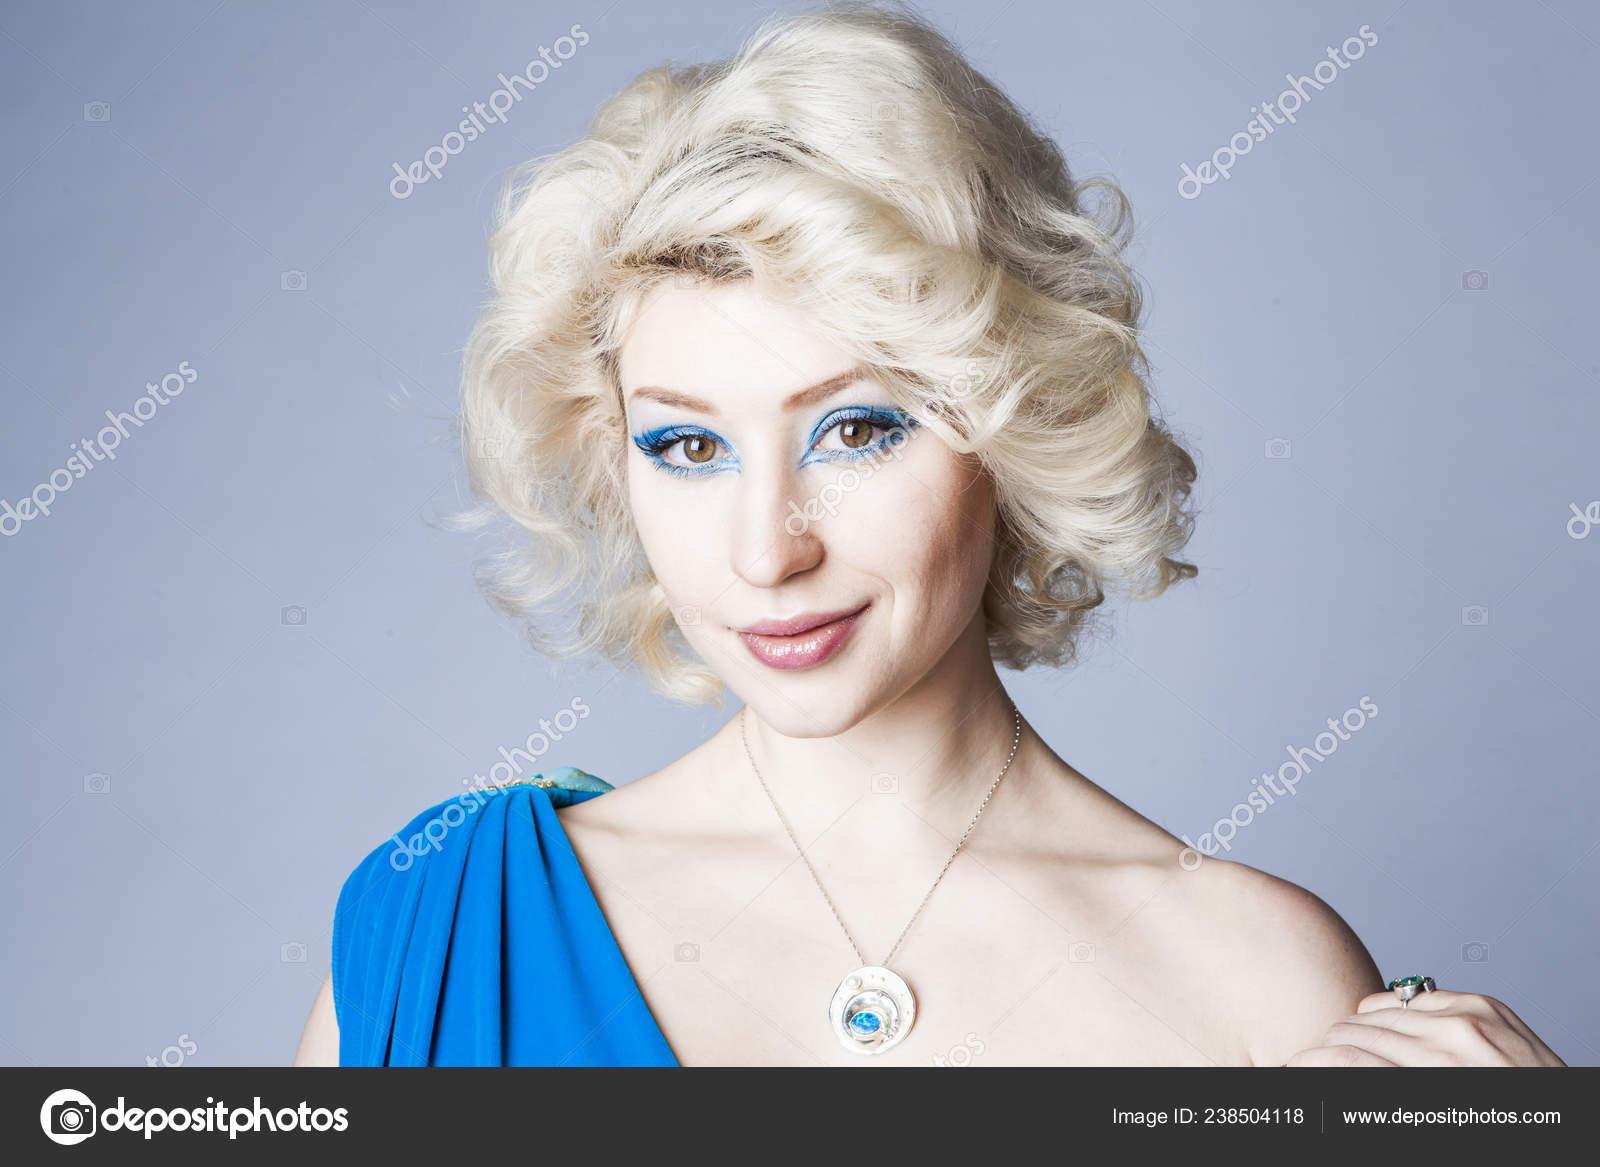 Retrato Una Joven Rubia Vestido Azul Con Maquillaje Ojos